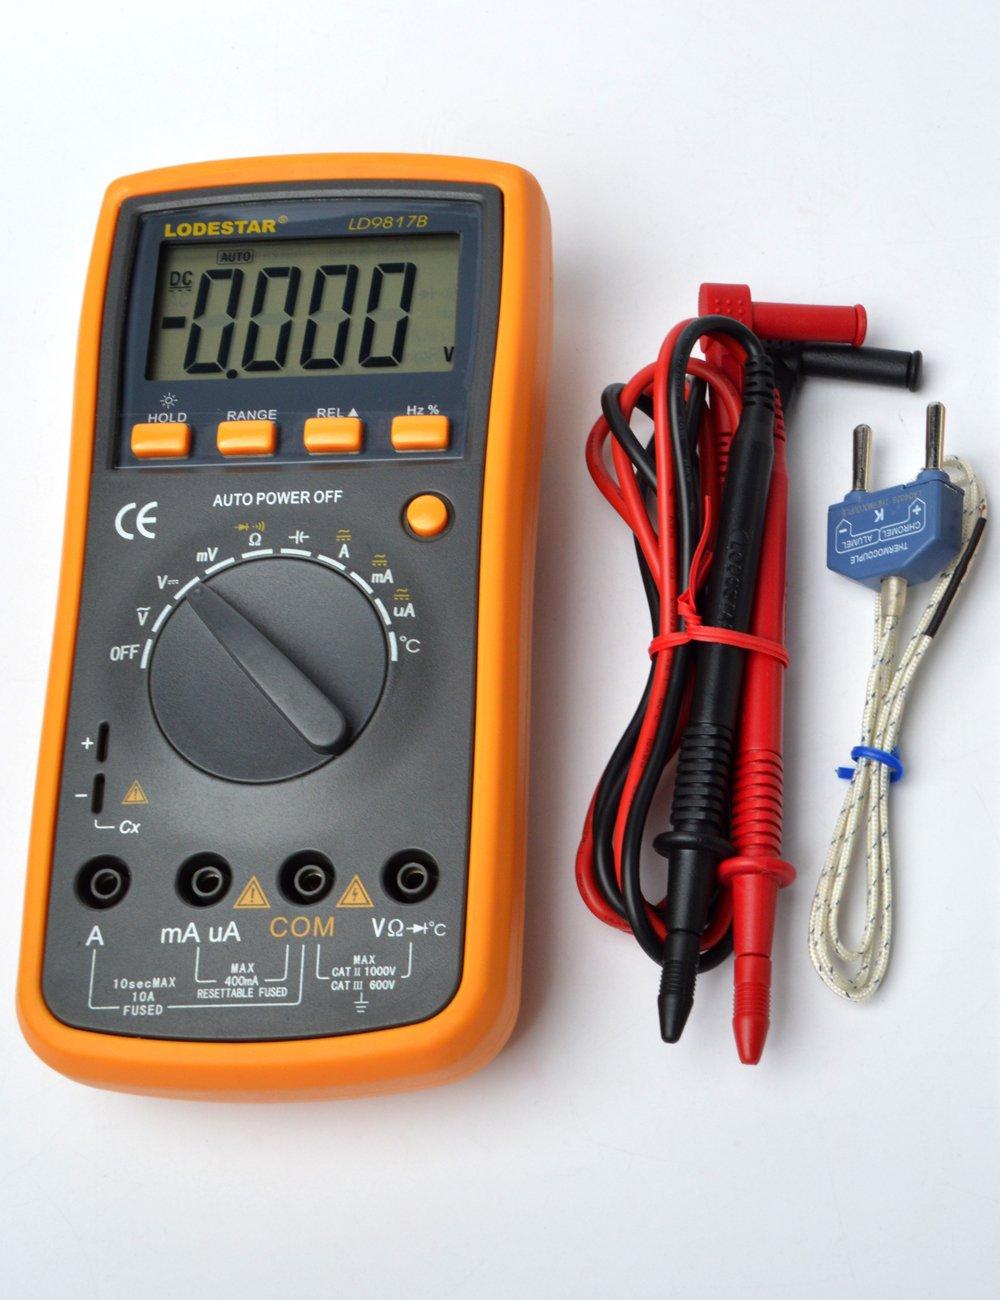 LODESTAR LD9817B Mini Multim/ètre Digital- Multi testeur avec Ecran LCD R/étro/éclair/é et un kickstand Tension AC//DC gamme//mise hors tension automatique Courant AC//DC Multim/ètre Num/érique Portable